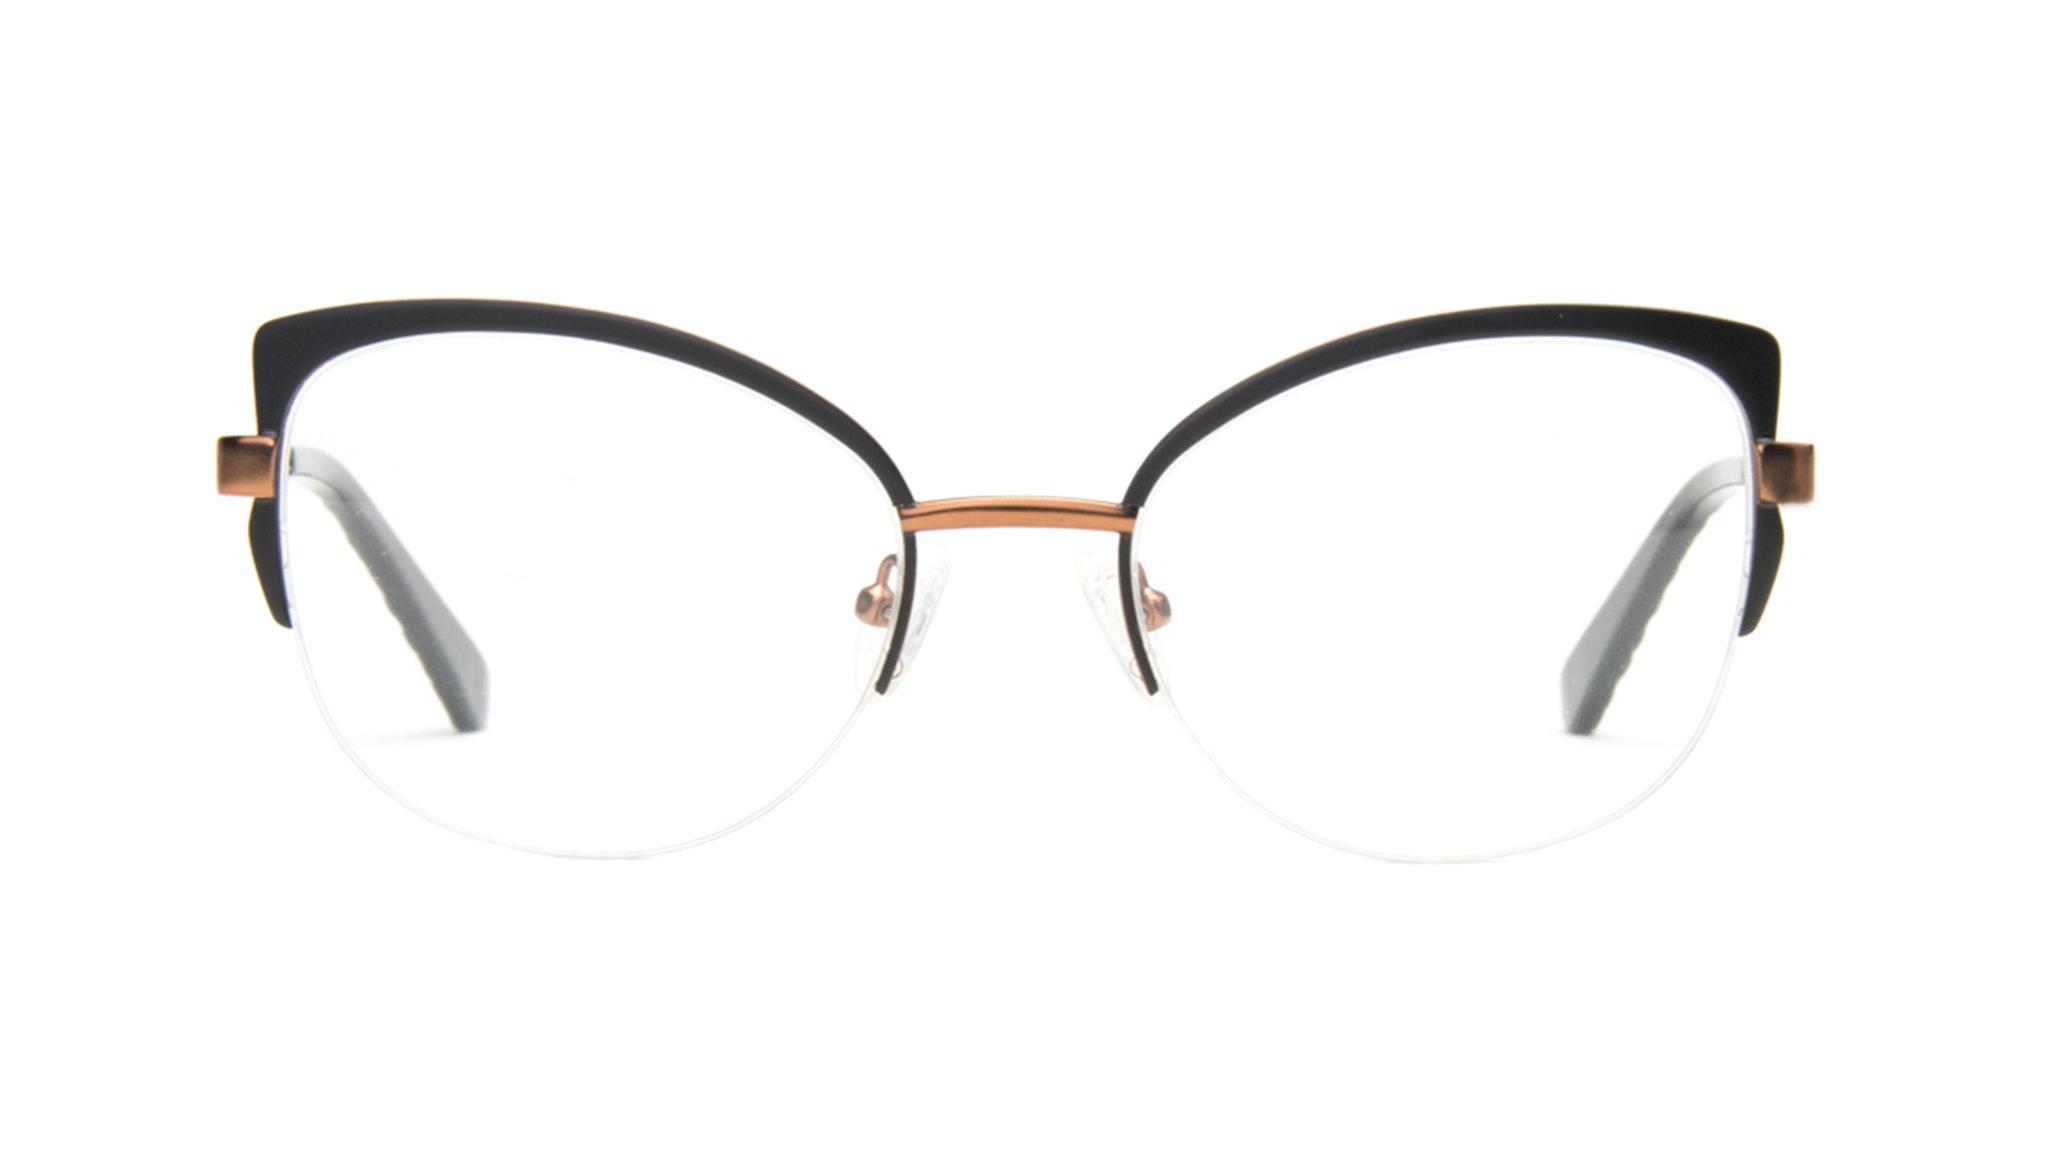 Lunettes tendance Oeil de chat Optiques Femmes Adore Black Copper